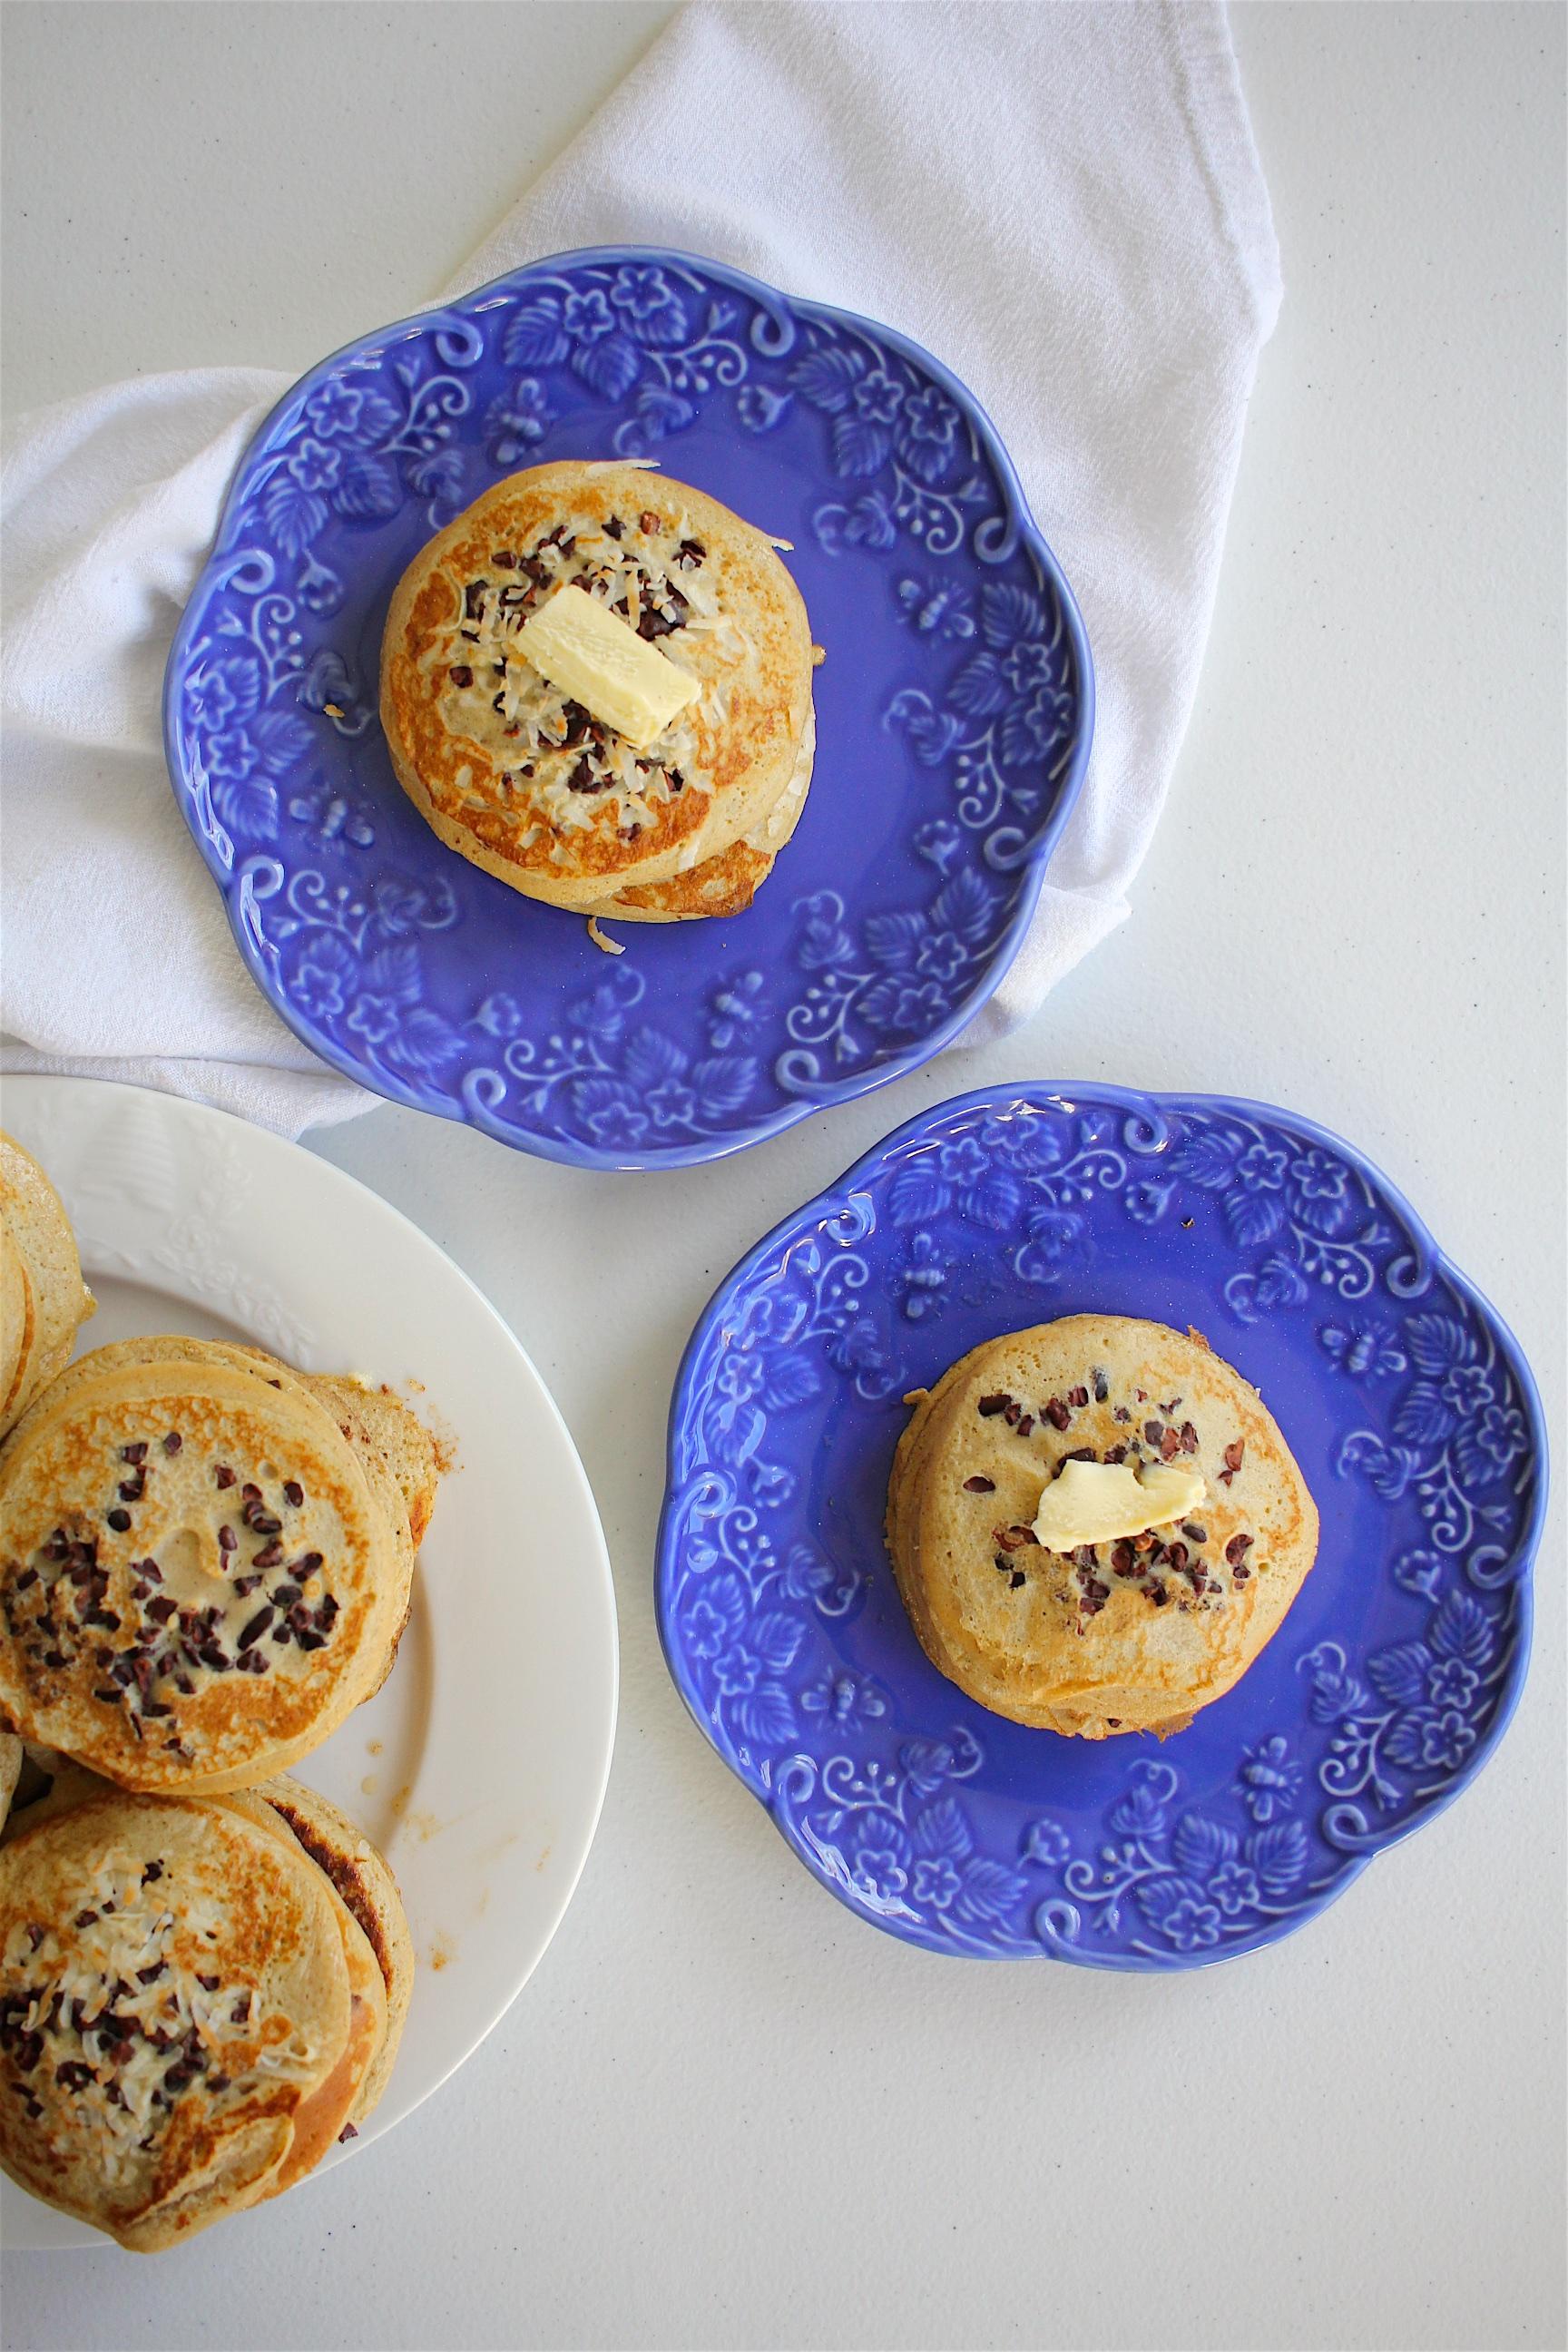 Banana + Cacao Nib Pancakes